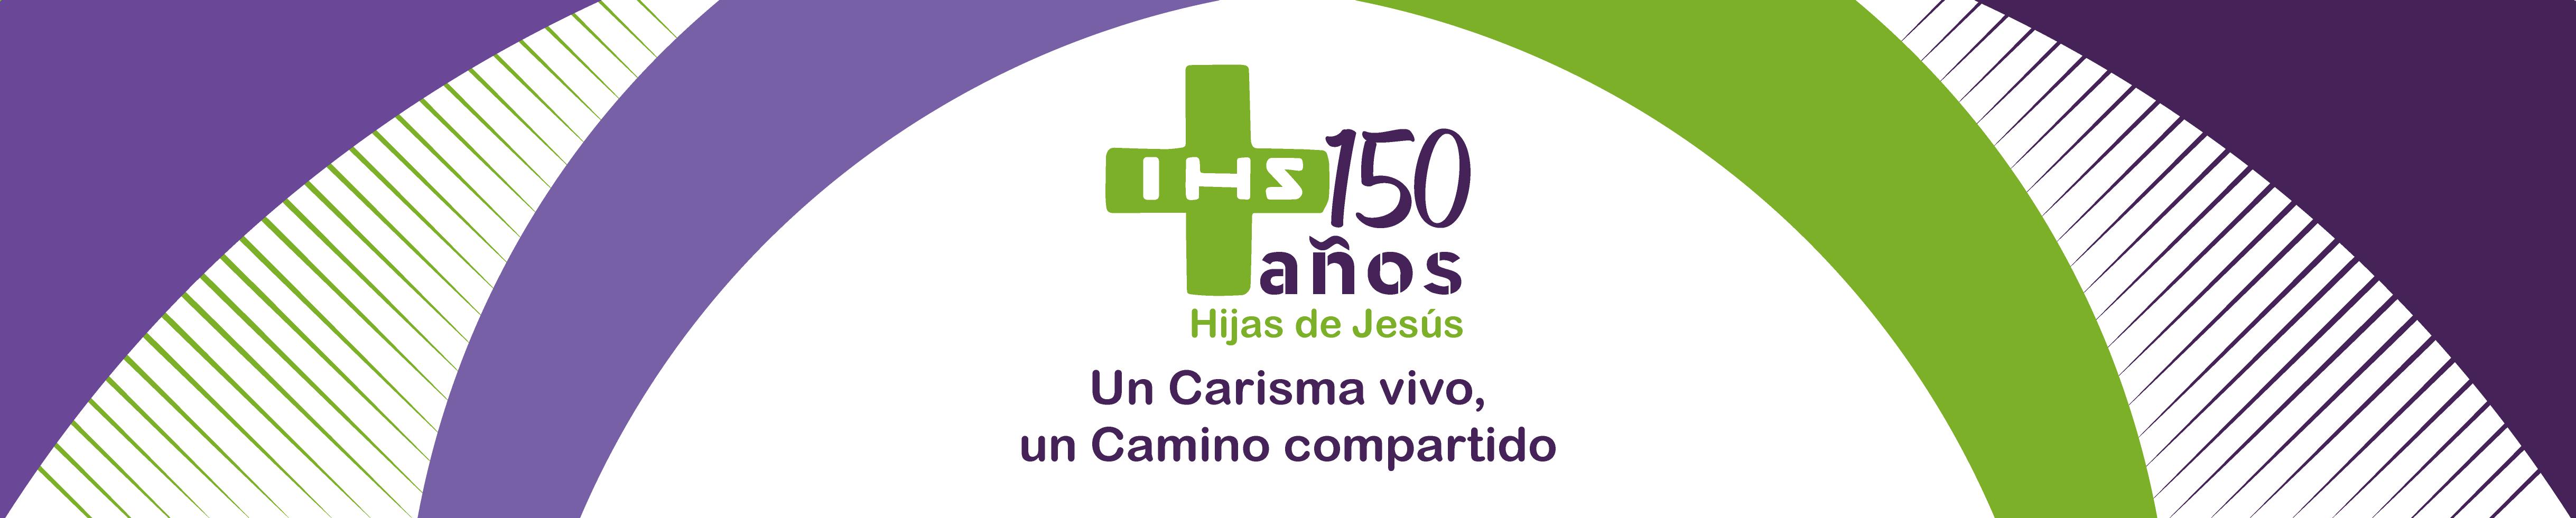 150 años de las Hijas de Jesús